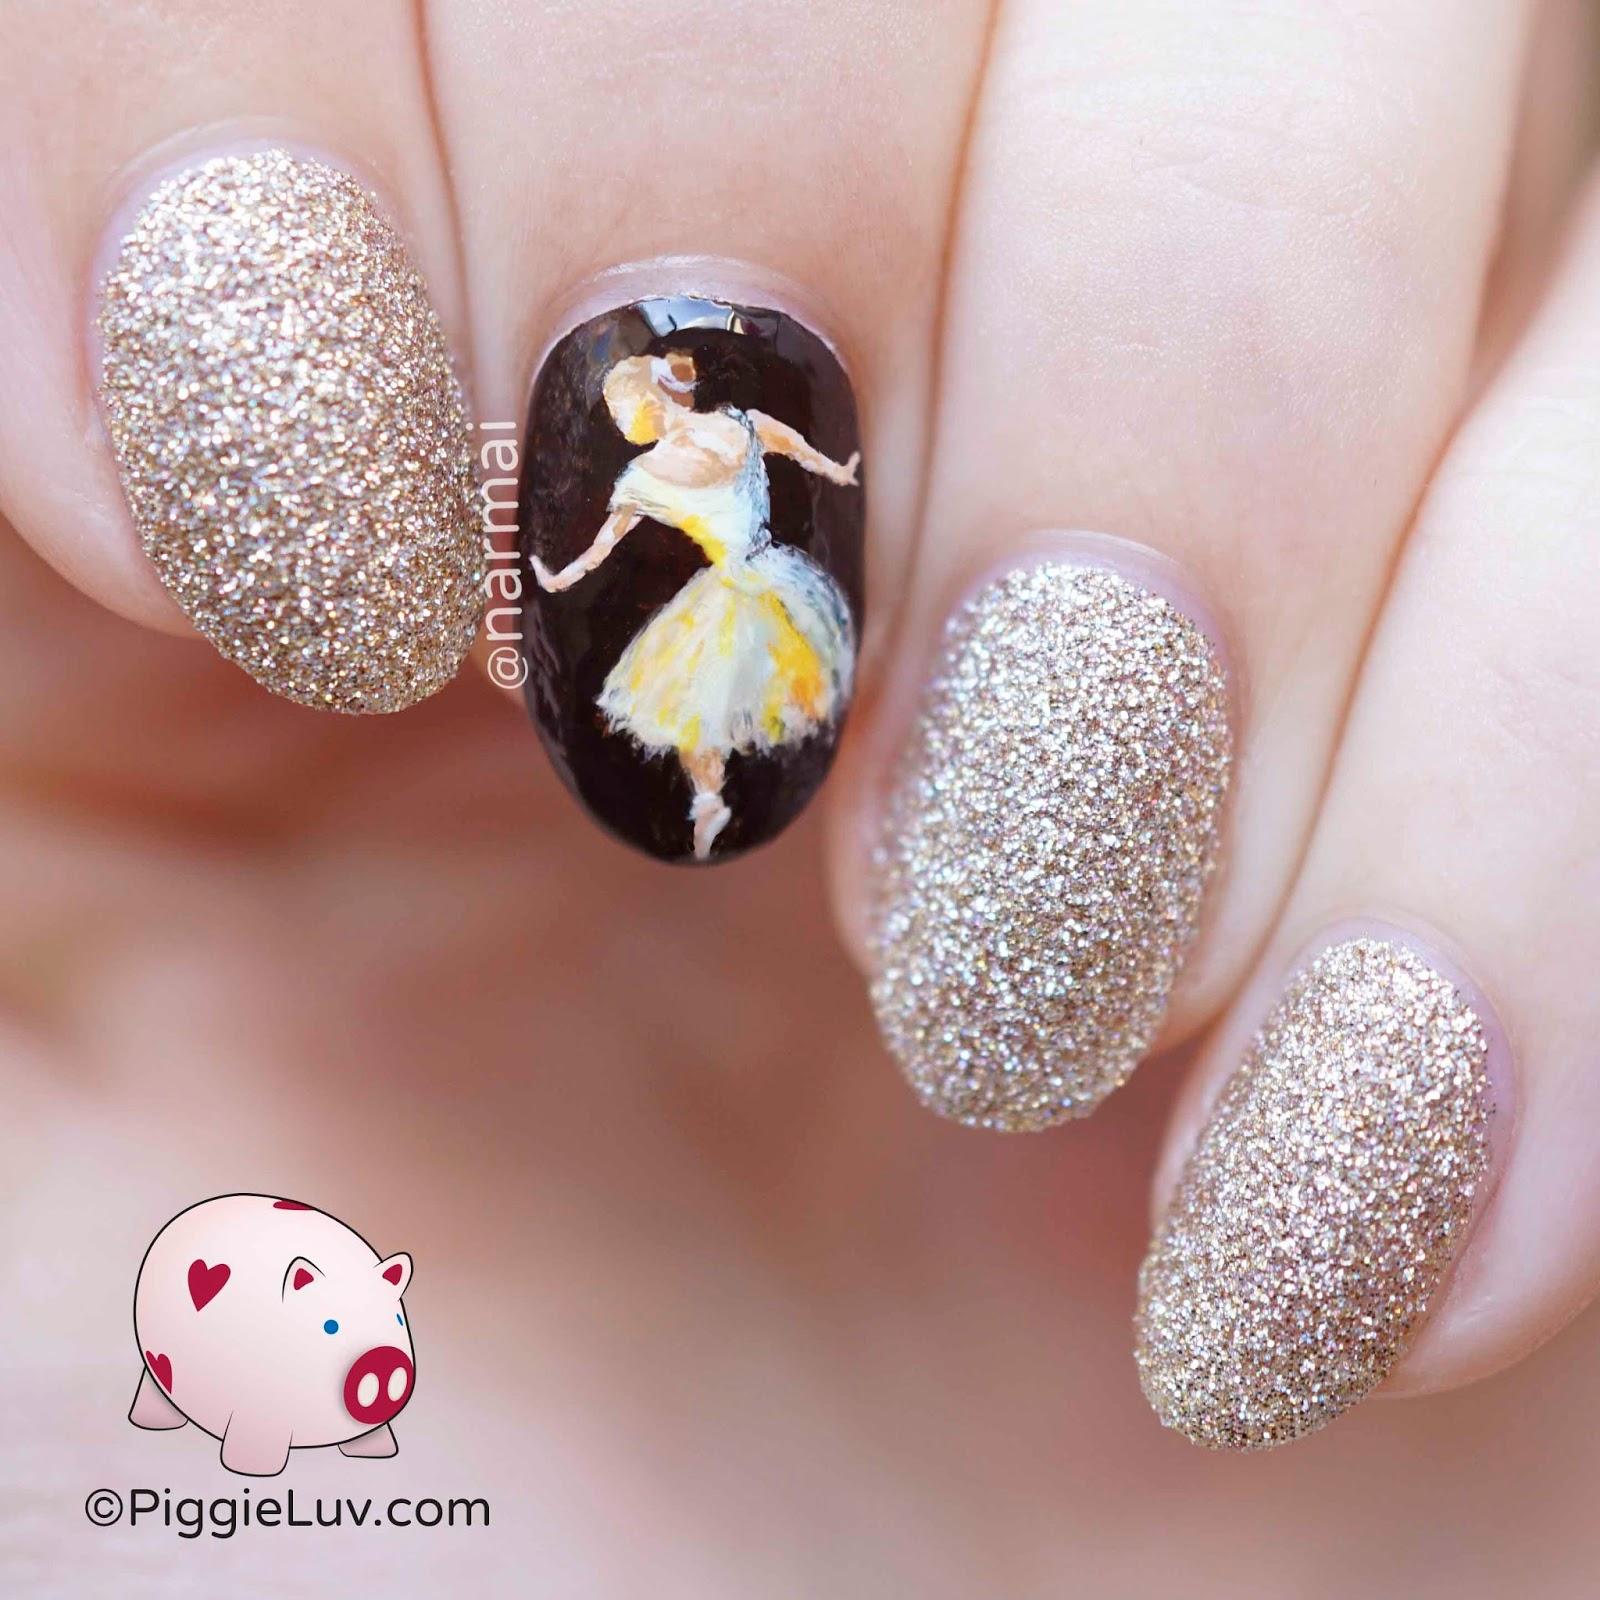 Piggieluv Ballerina Nail Art